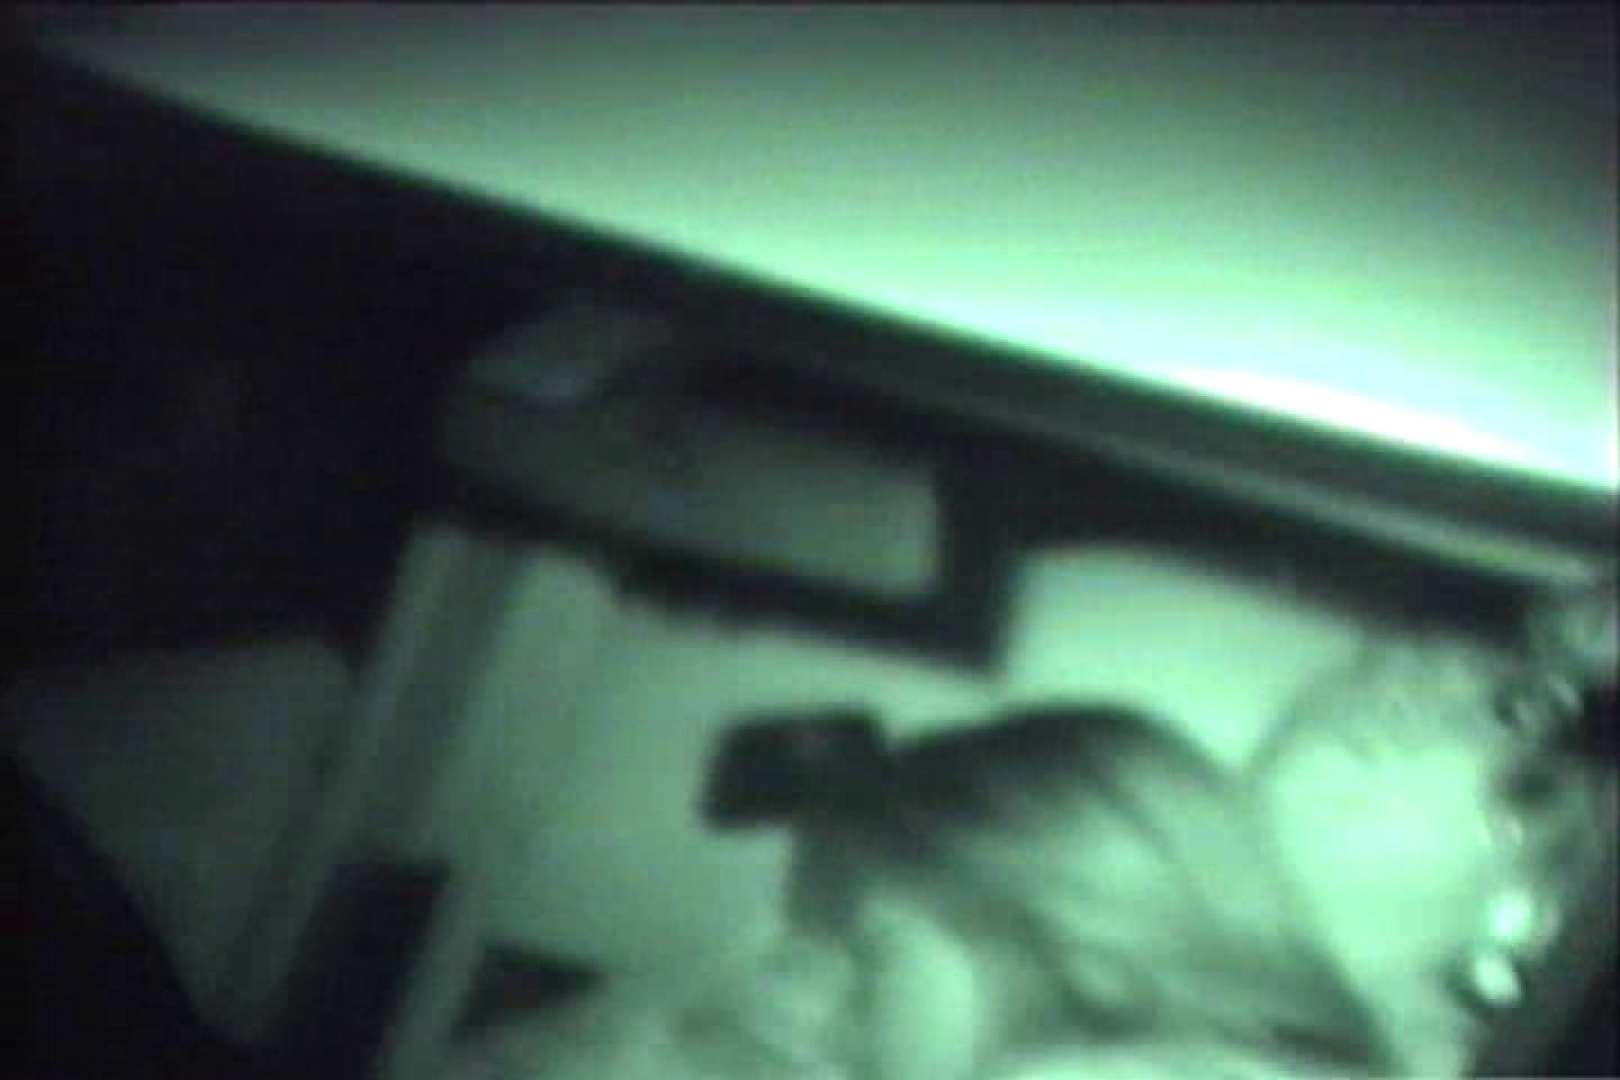 車の中はラブホテル 無修正版  Vol.17 0 | 0  98画像 17